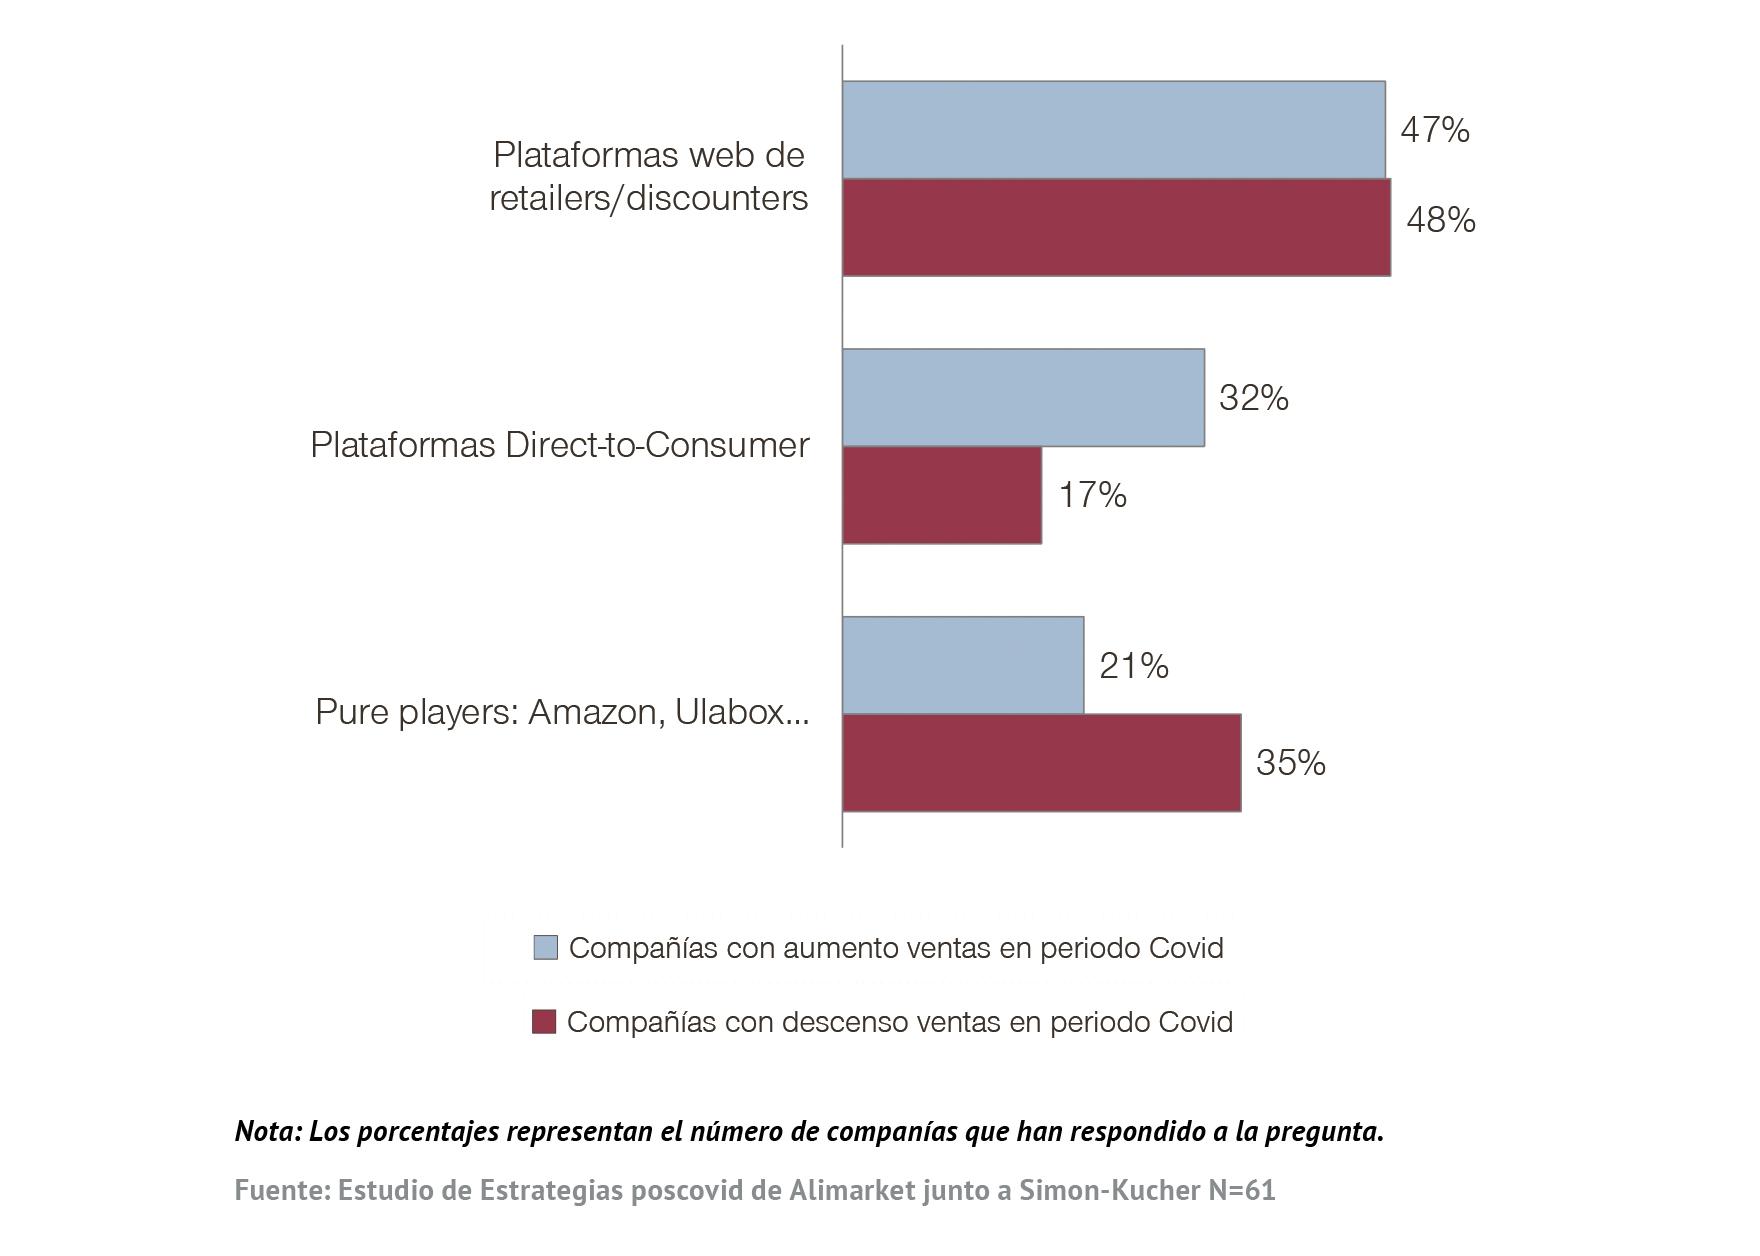 ¿Quién capitalizará el crecimiento del canal online?